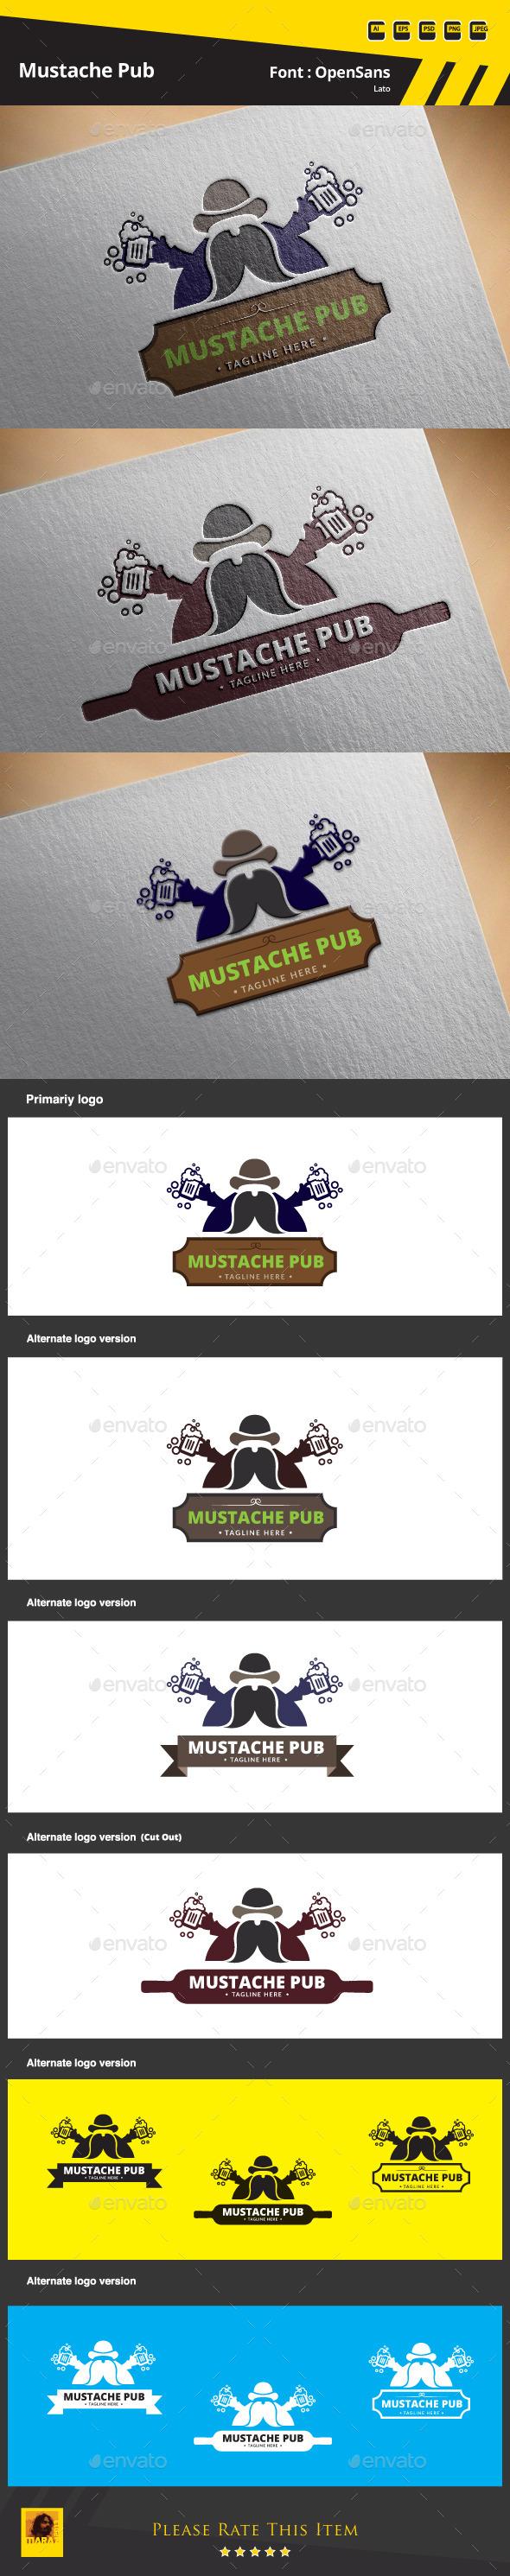 GraphicRiver Mustache Pub Logo Template 9686675